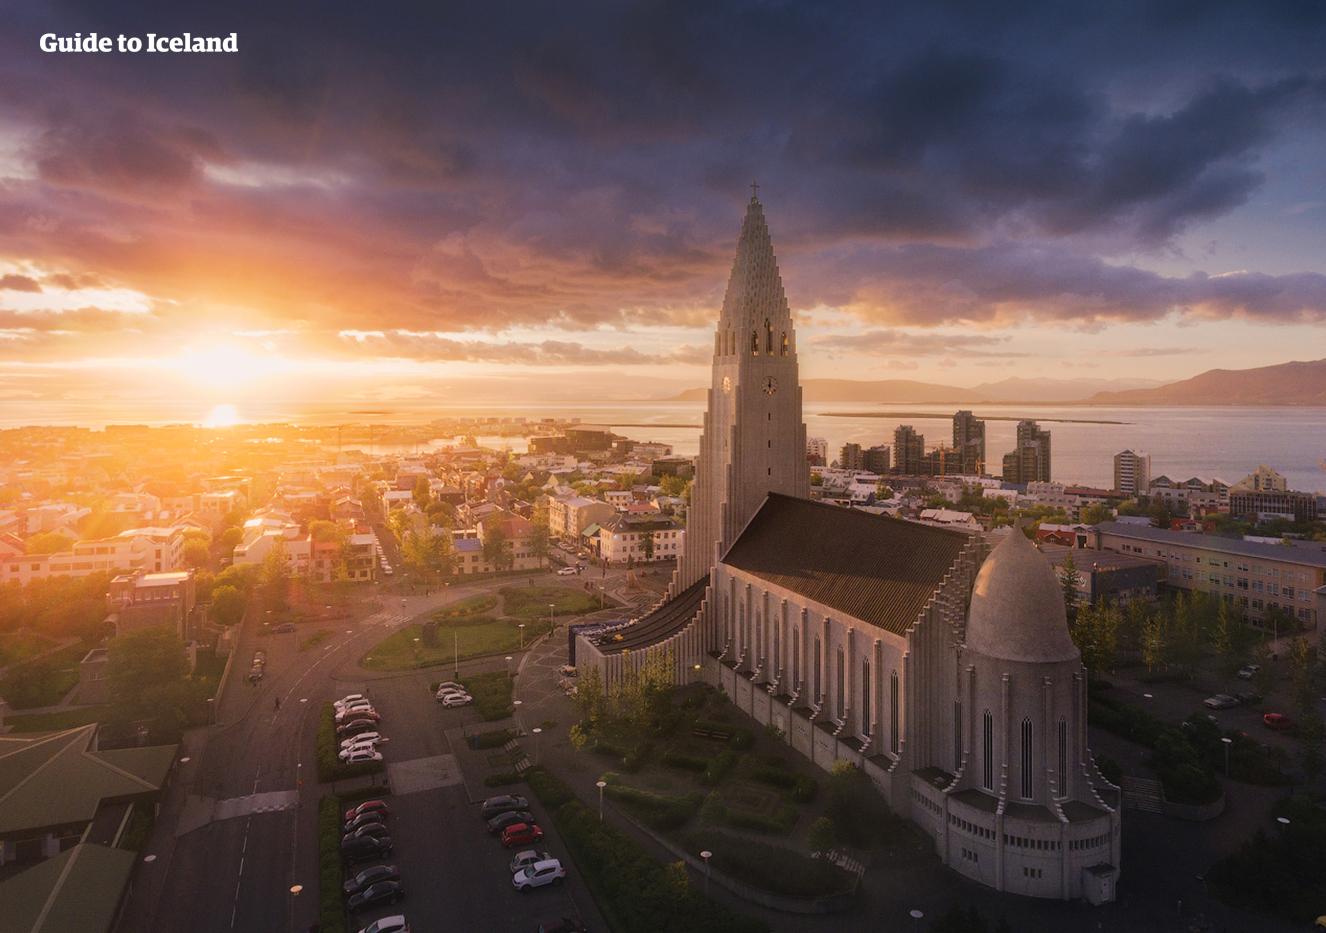 Białe noce w Reykjaviku to idealna okazja do długiego zwiedzania miasta.